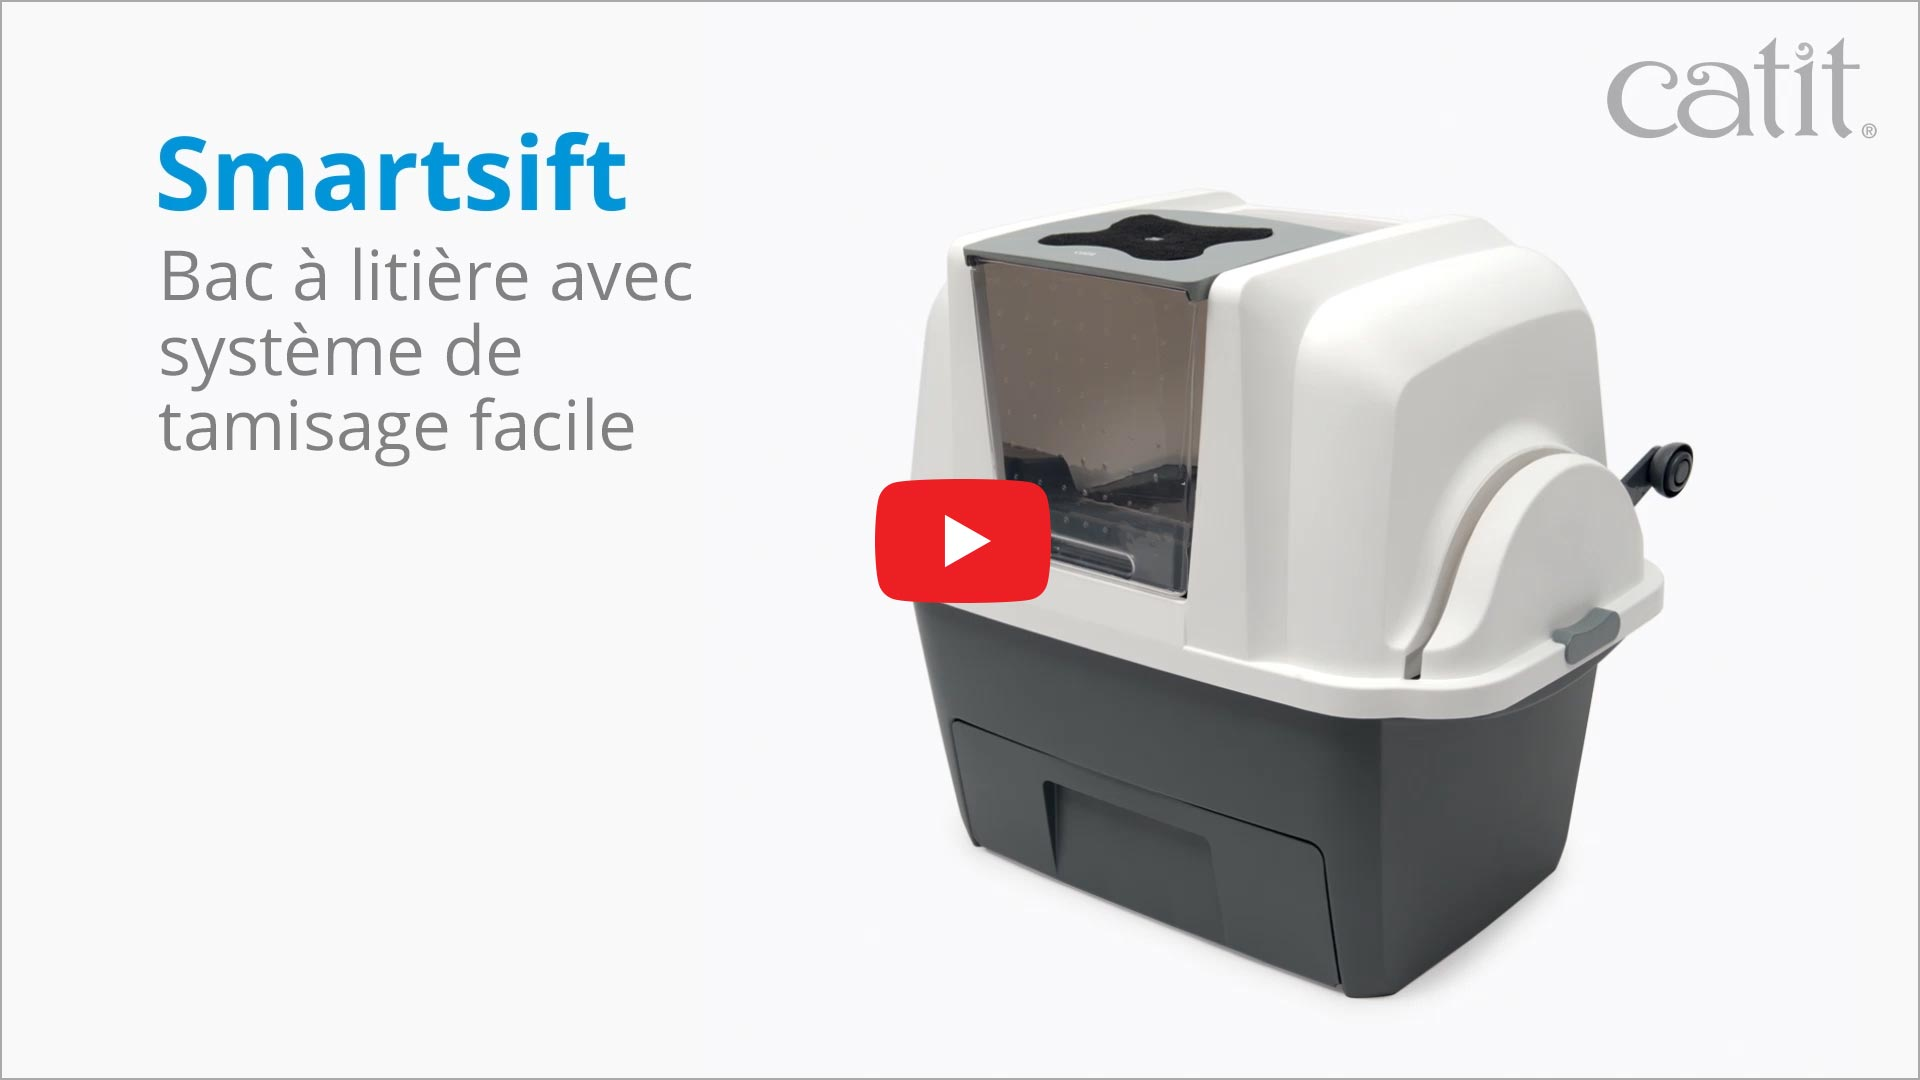 Bac à litière avec système de tamisage facile